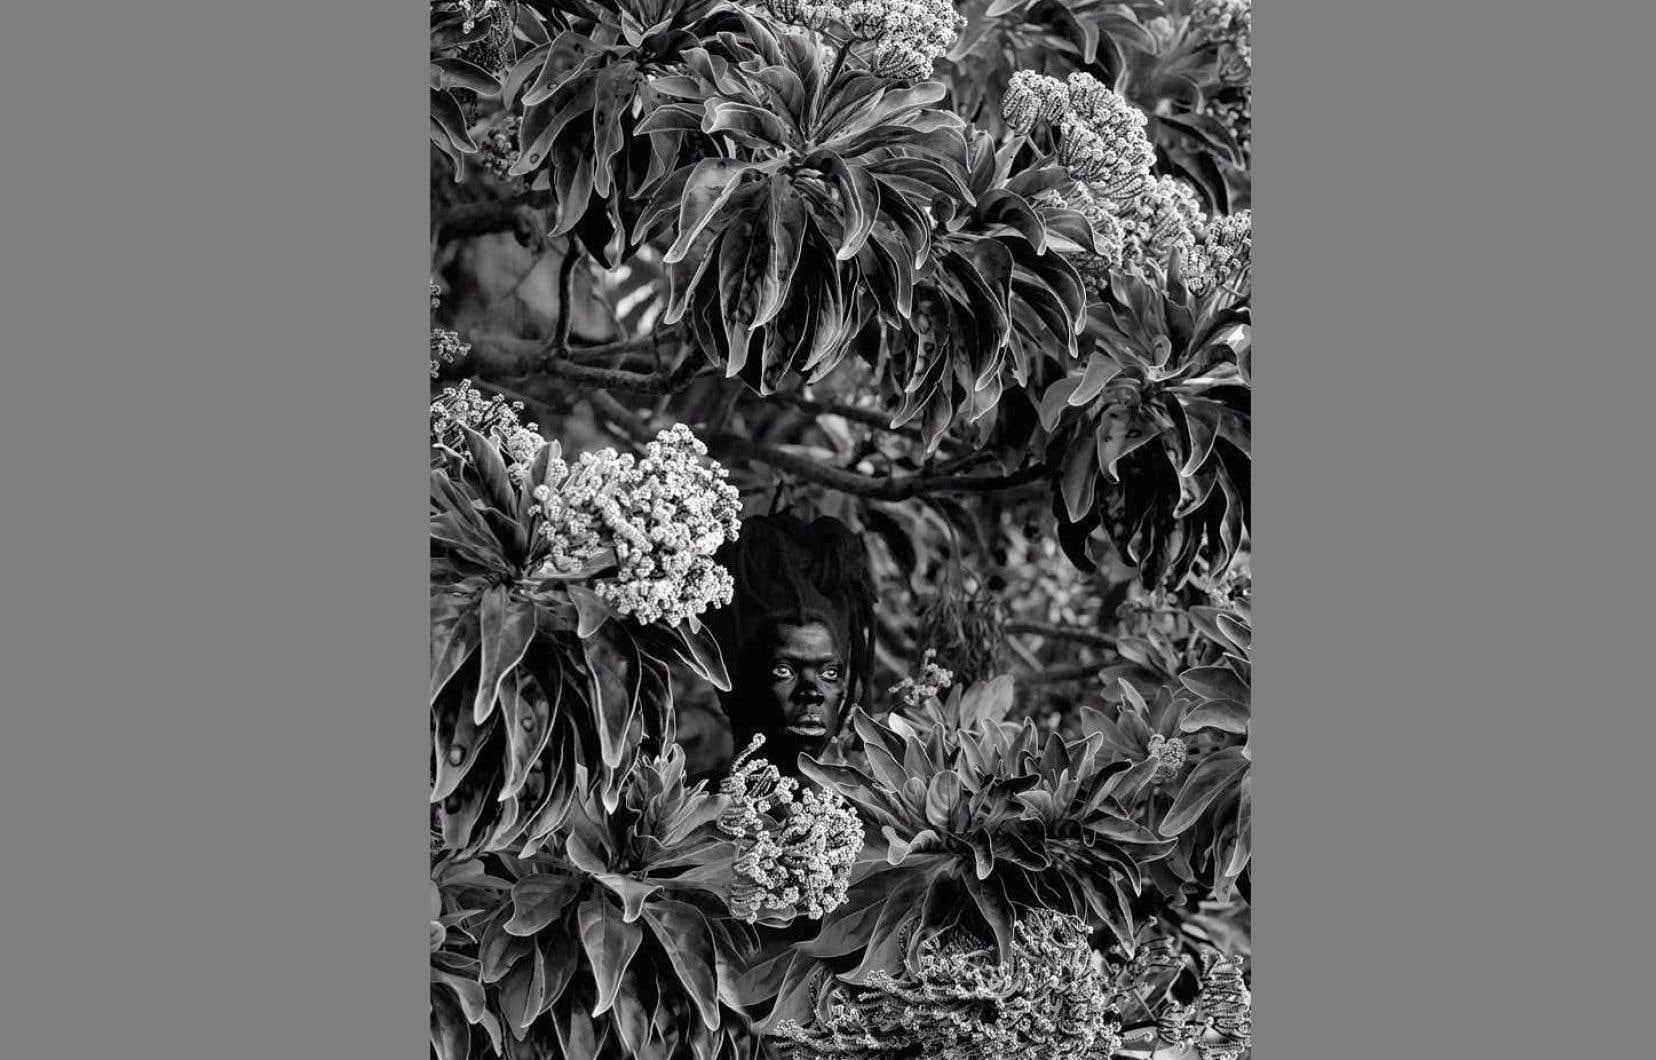 La nouvelle exposition rassemble les oeuvres récemment acquises par le musée, dont Qhamukile, Mauritius (2019).